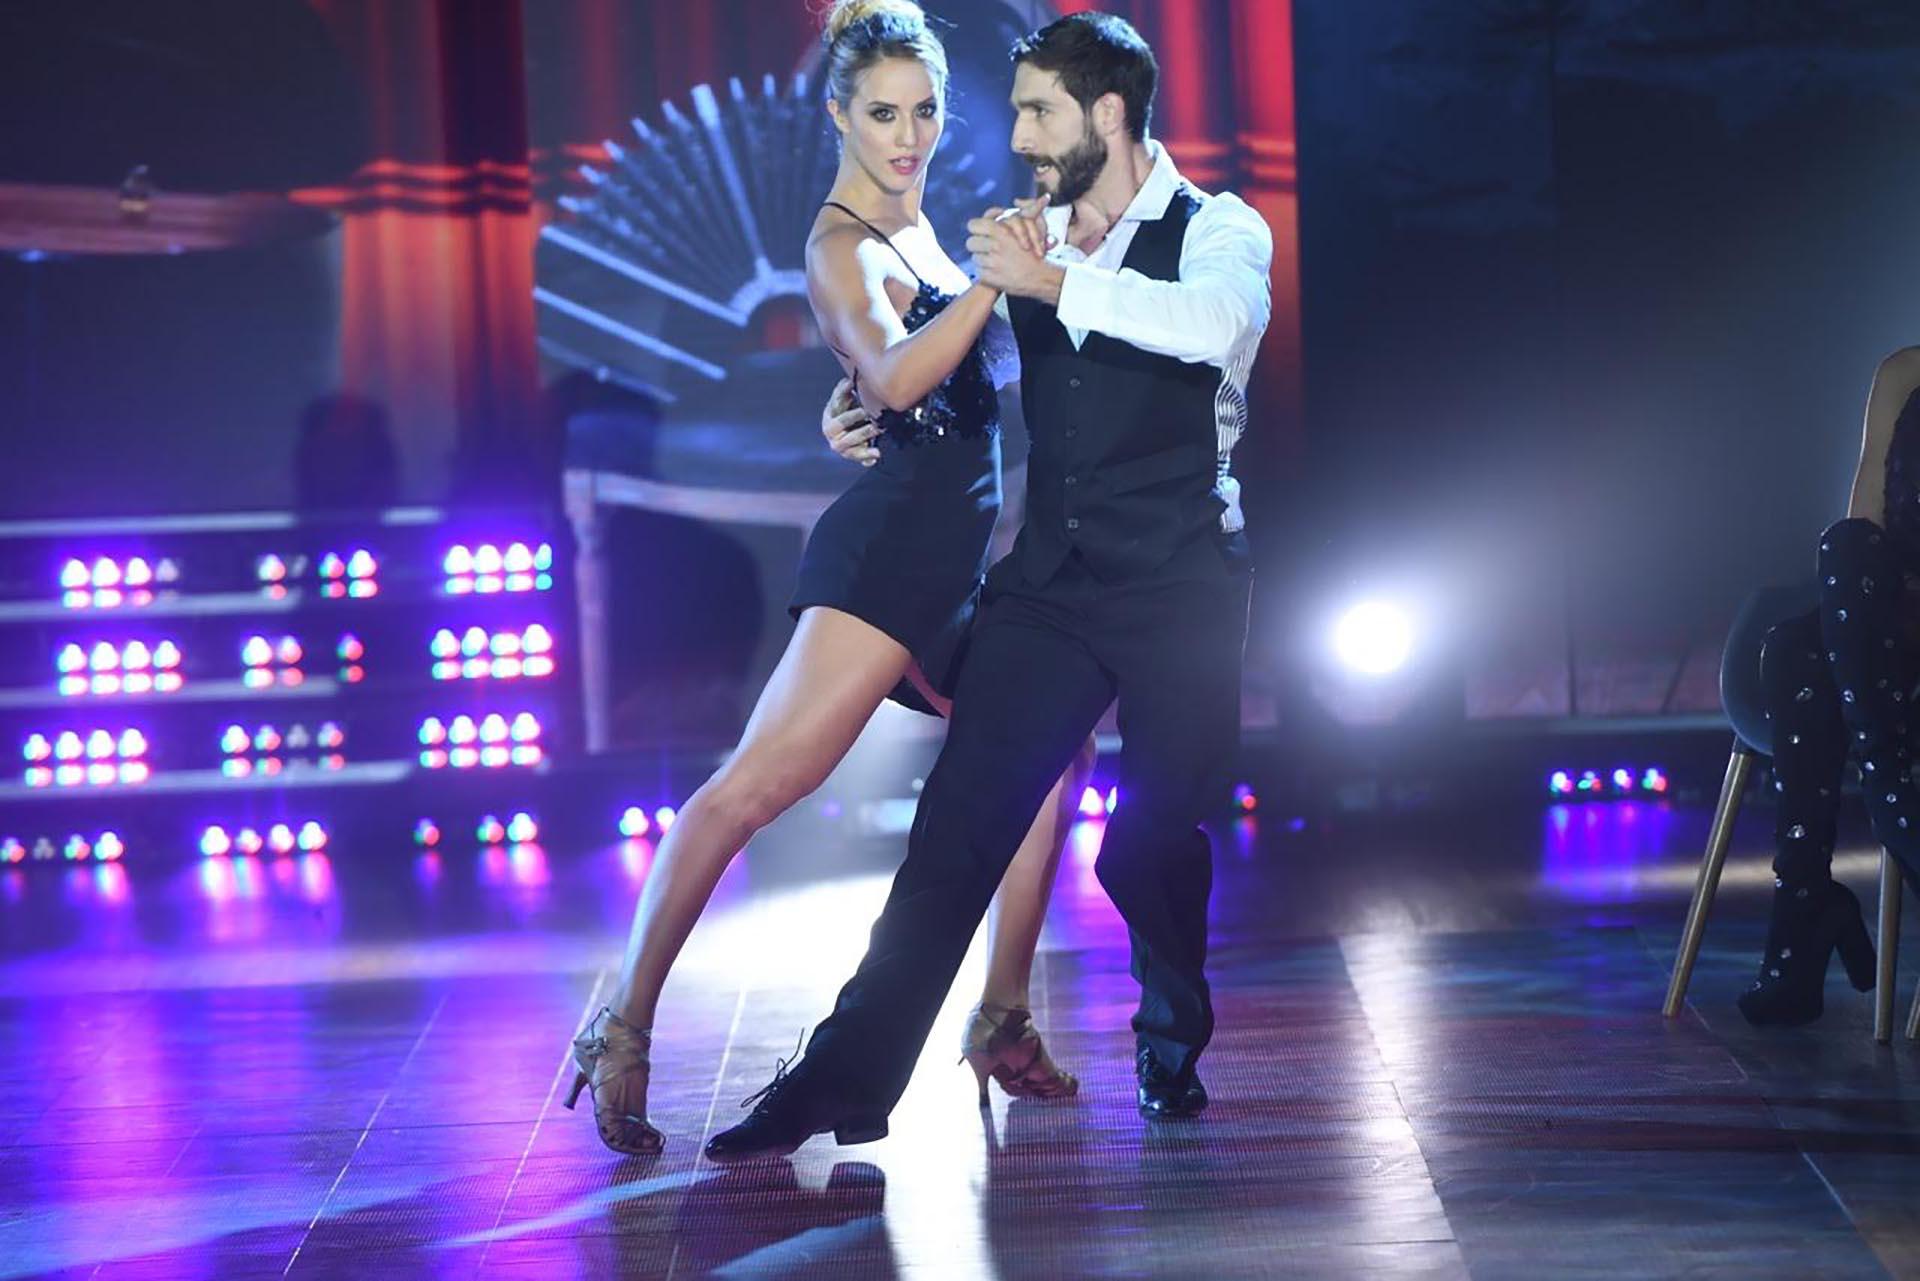 Flor Vigna y Gonzalo Gerber bailando Tango